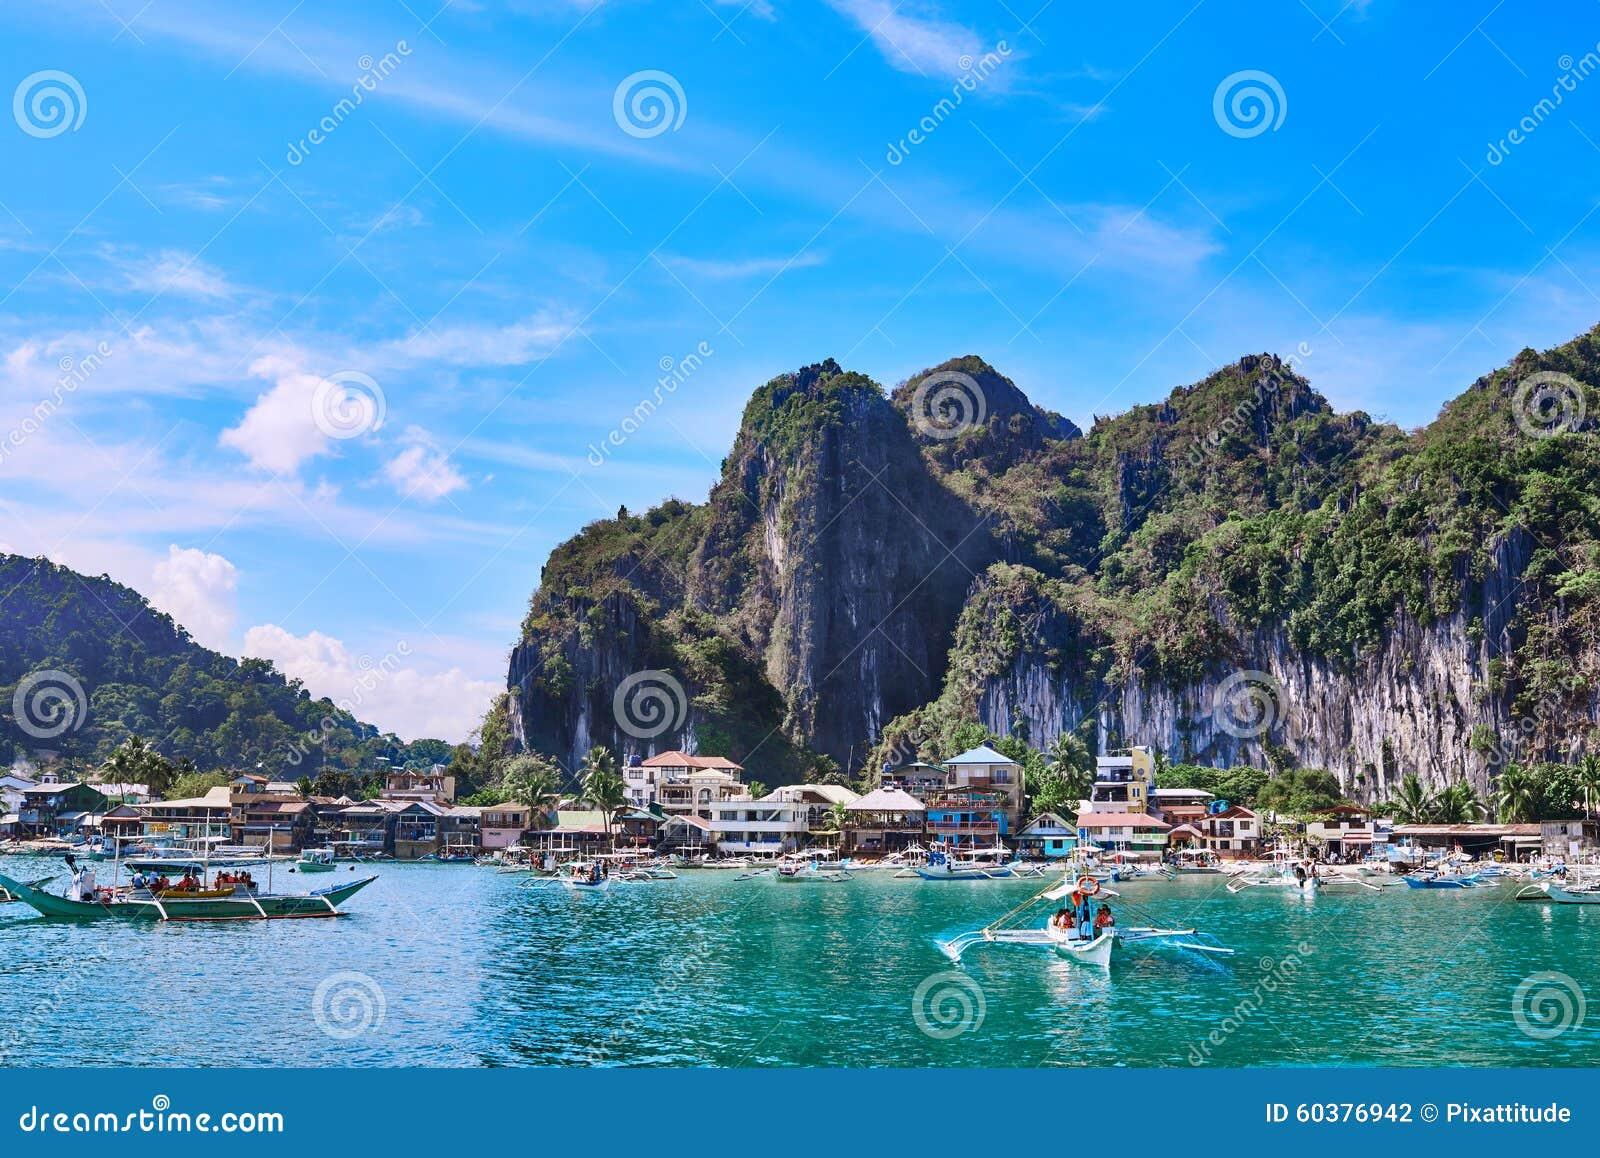 El Nido Palawan Philippines Stock Photo Image 60376942